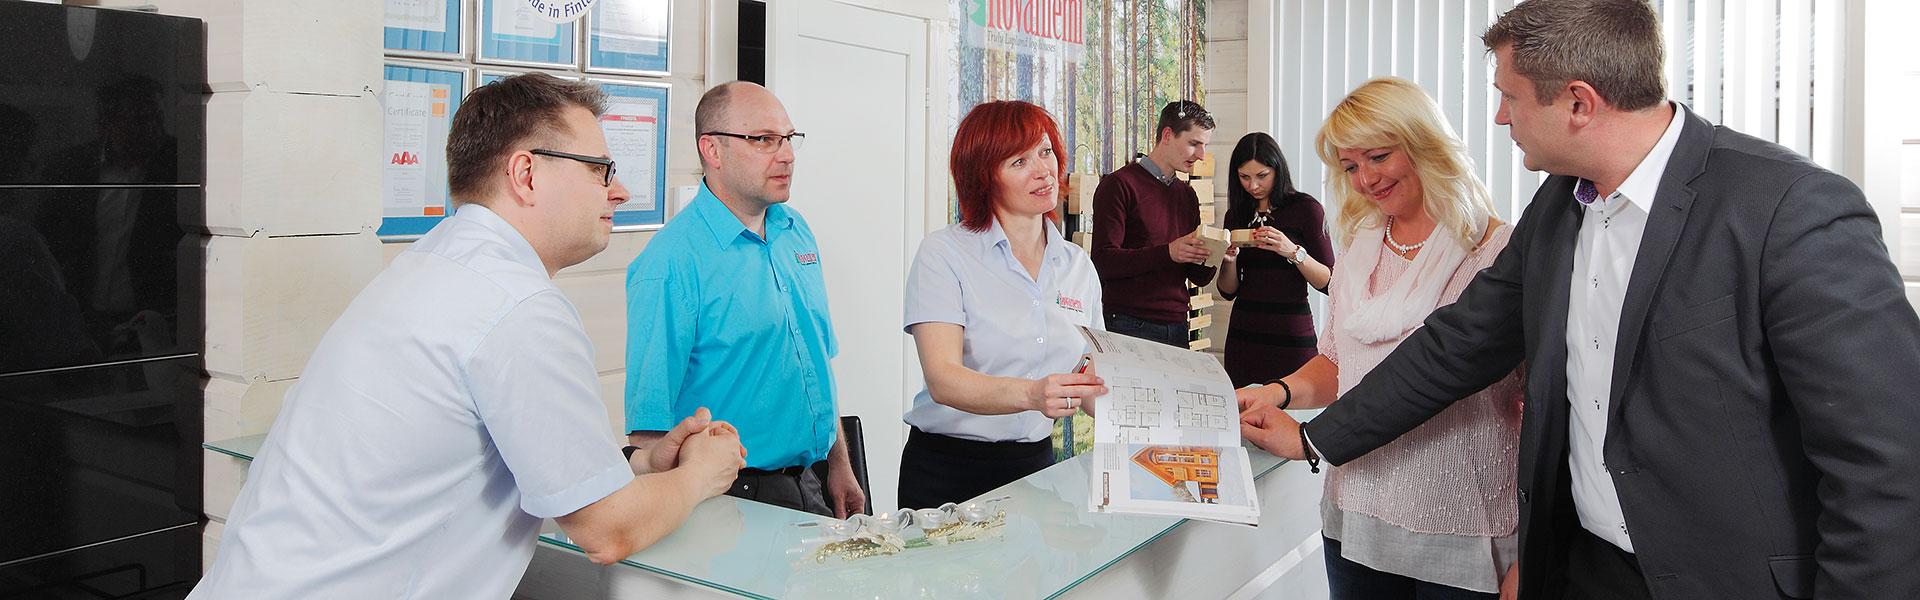 Rovaniemi Casas de Madera tiene la capacidad de proveer un gran servicio en un corto período de tiempo, como resultado de su organización y su proceso automático de montaje.